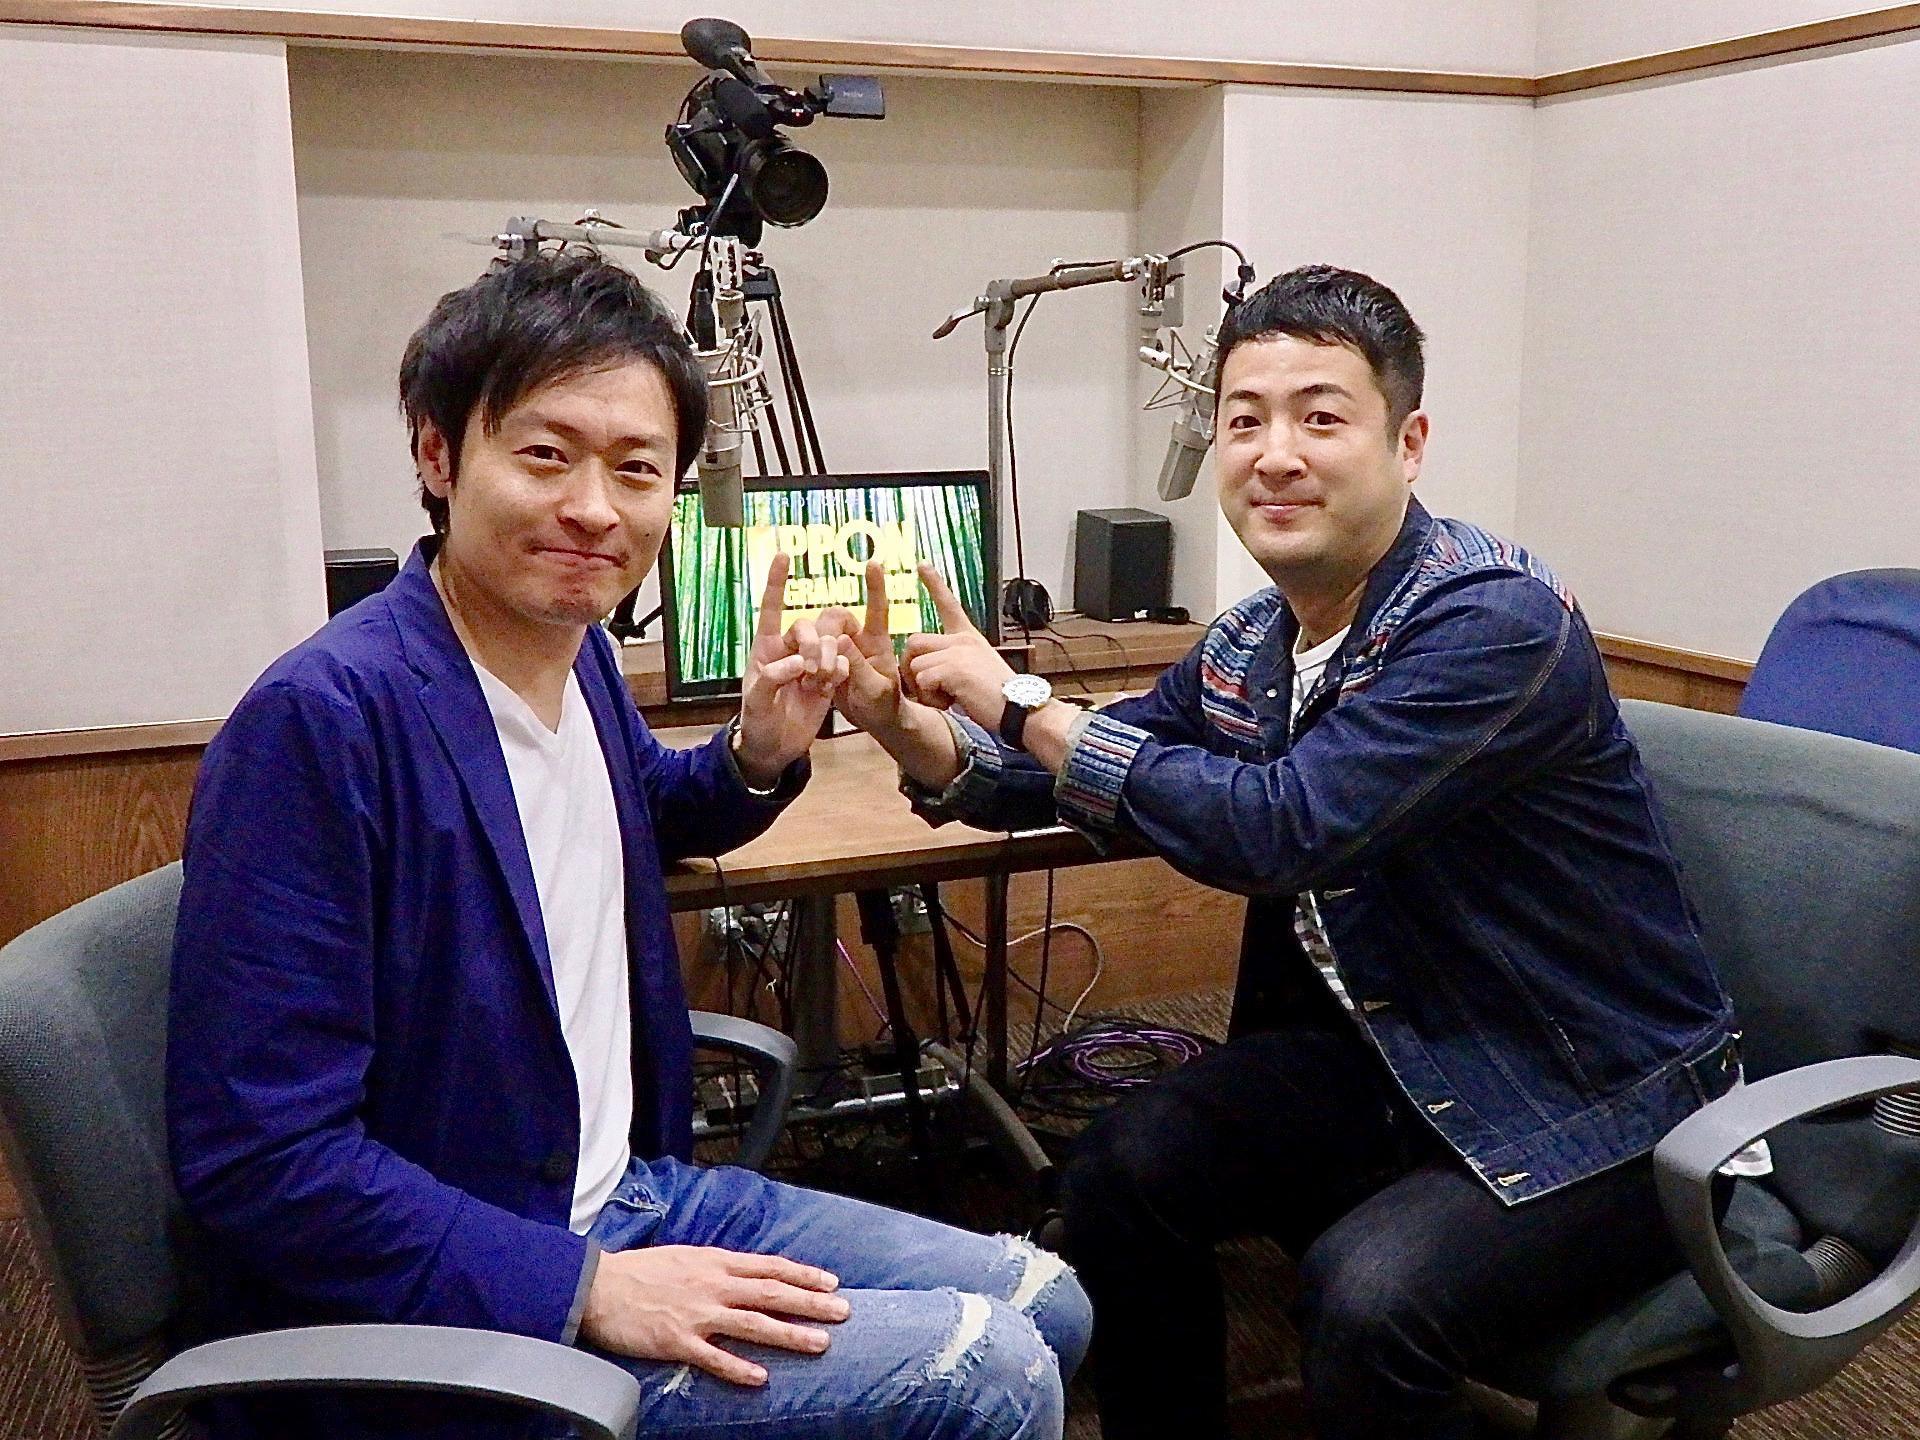 http://news.yoshimoto.co.jp/20171115235703-19e2edc16dff7b3c5b90be1725b5af92ef61055a.jpg